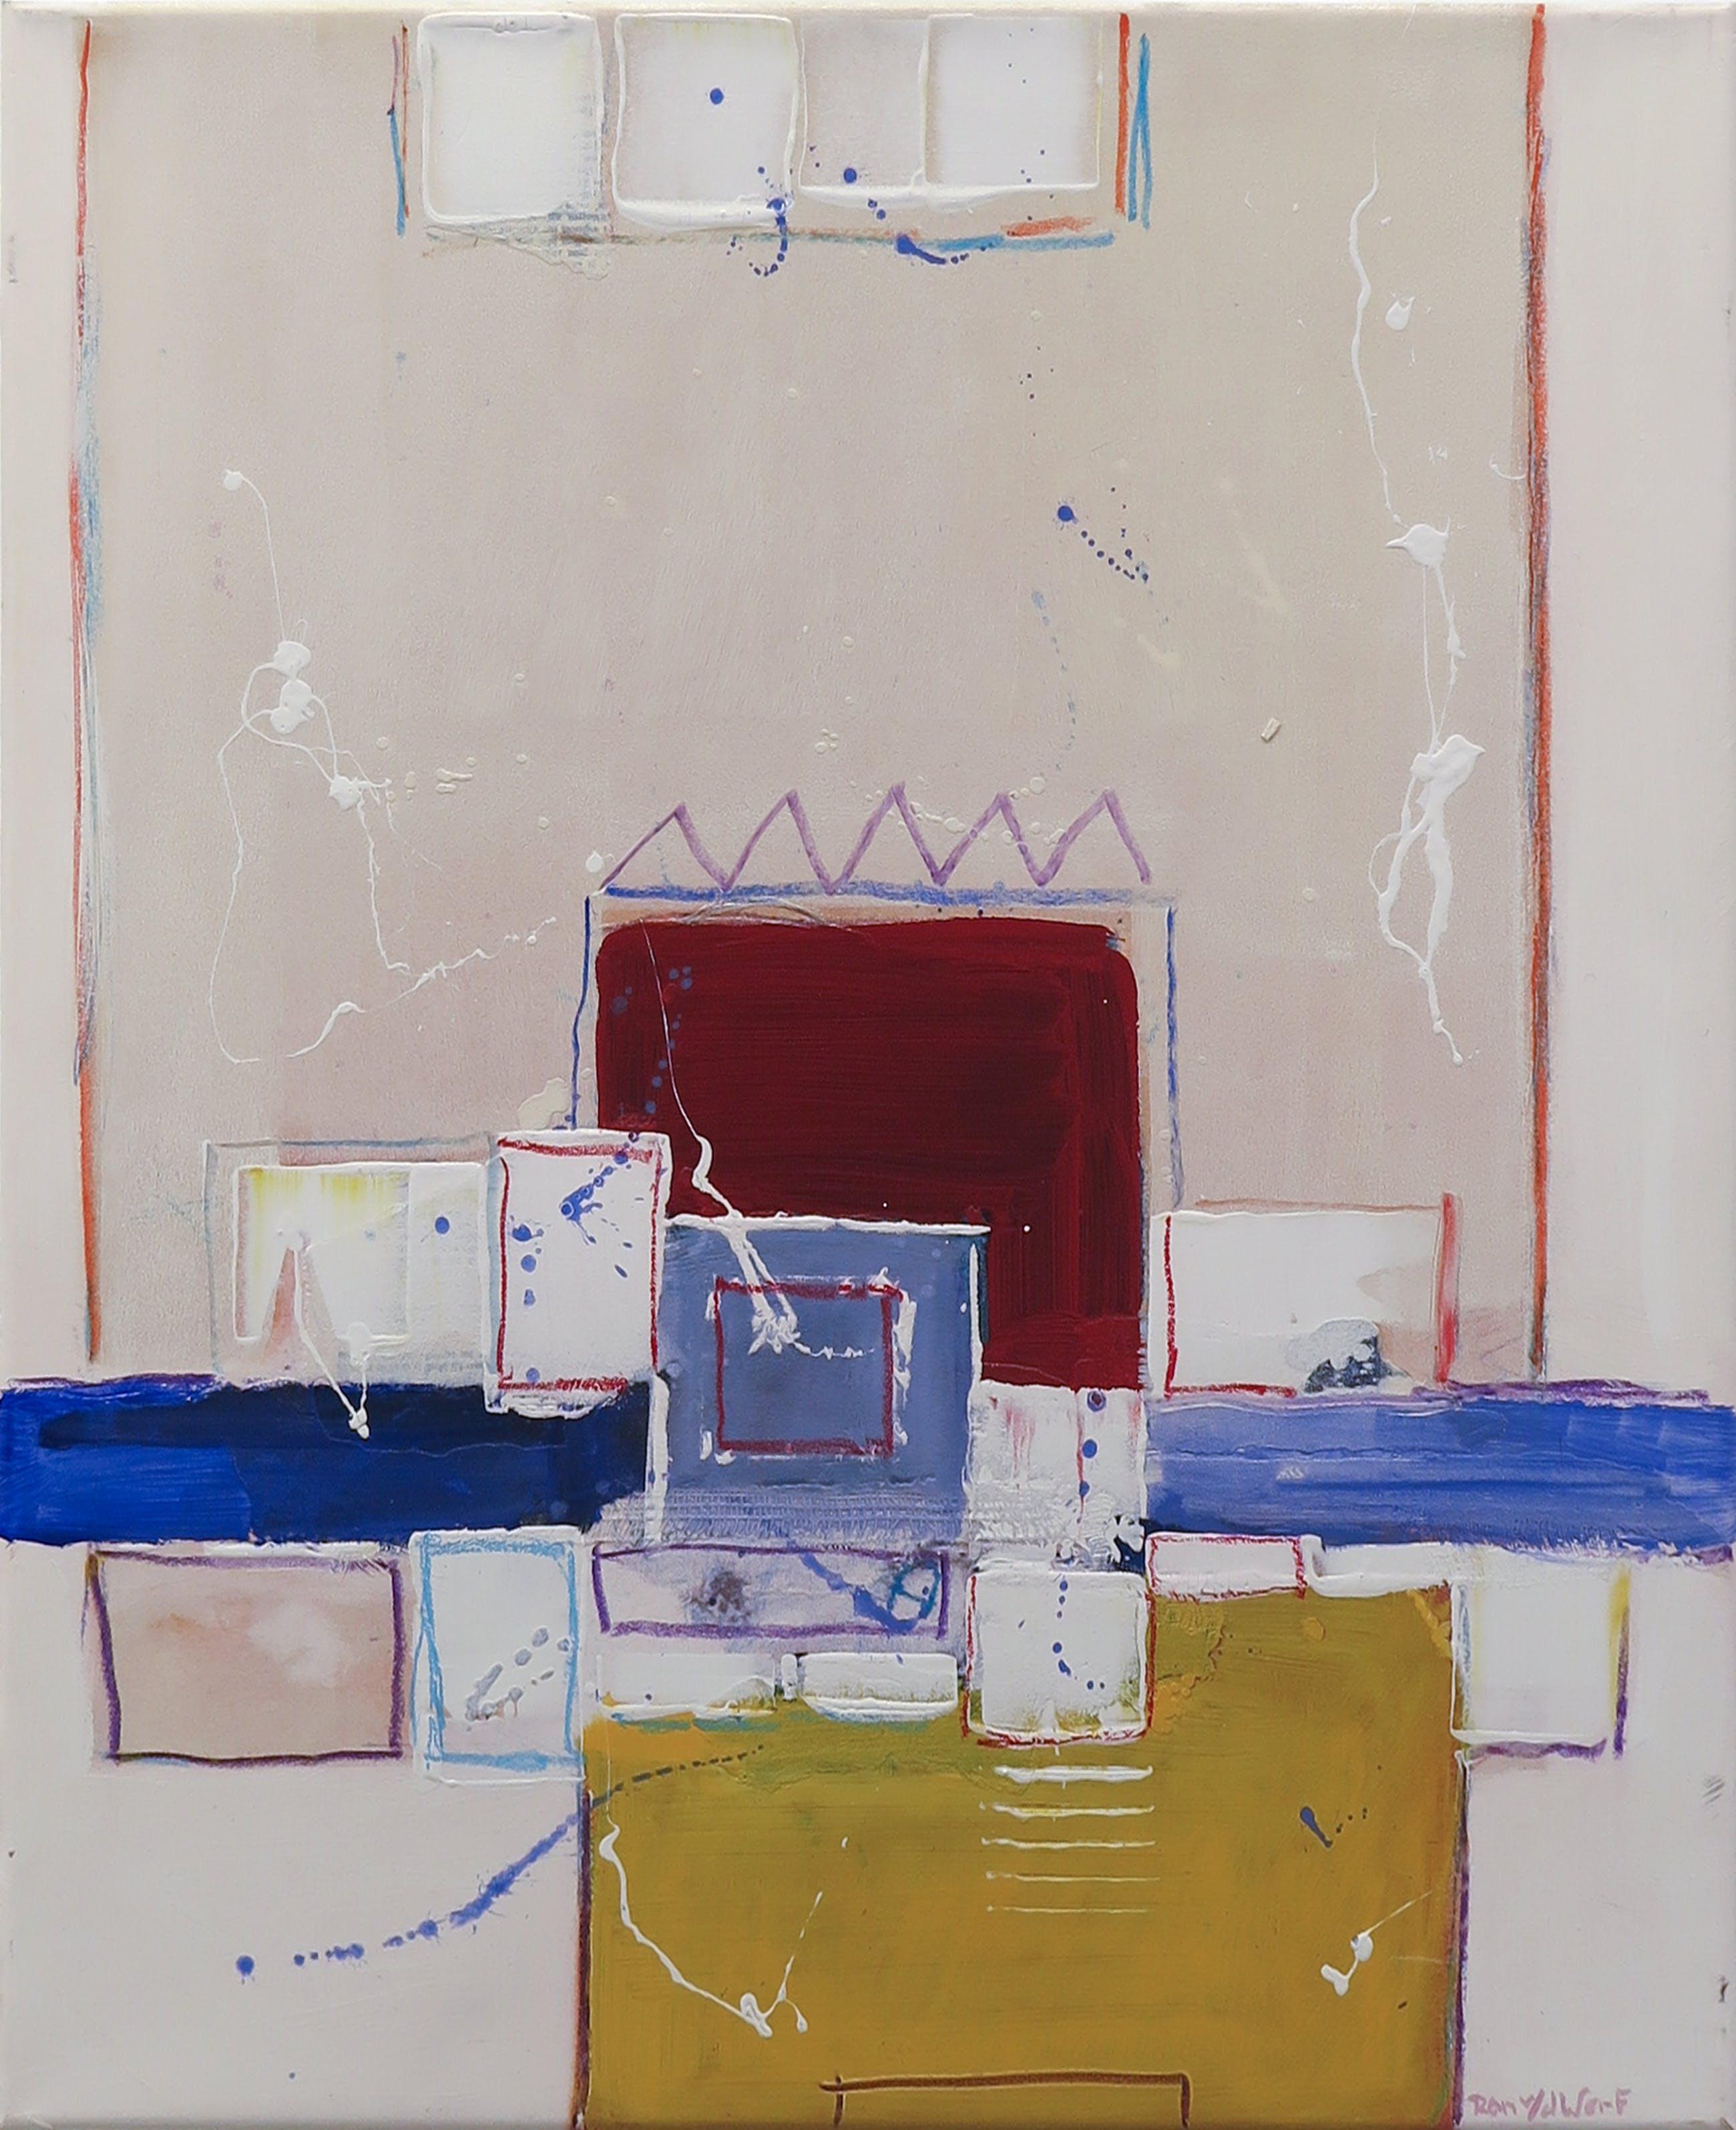 Ron van der Werf - Zeefdruk gelijmd op kunststof op doek, Zonder titel (met ophangsysteem) kopen? Bied vanaf 20!